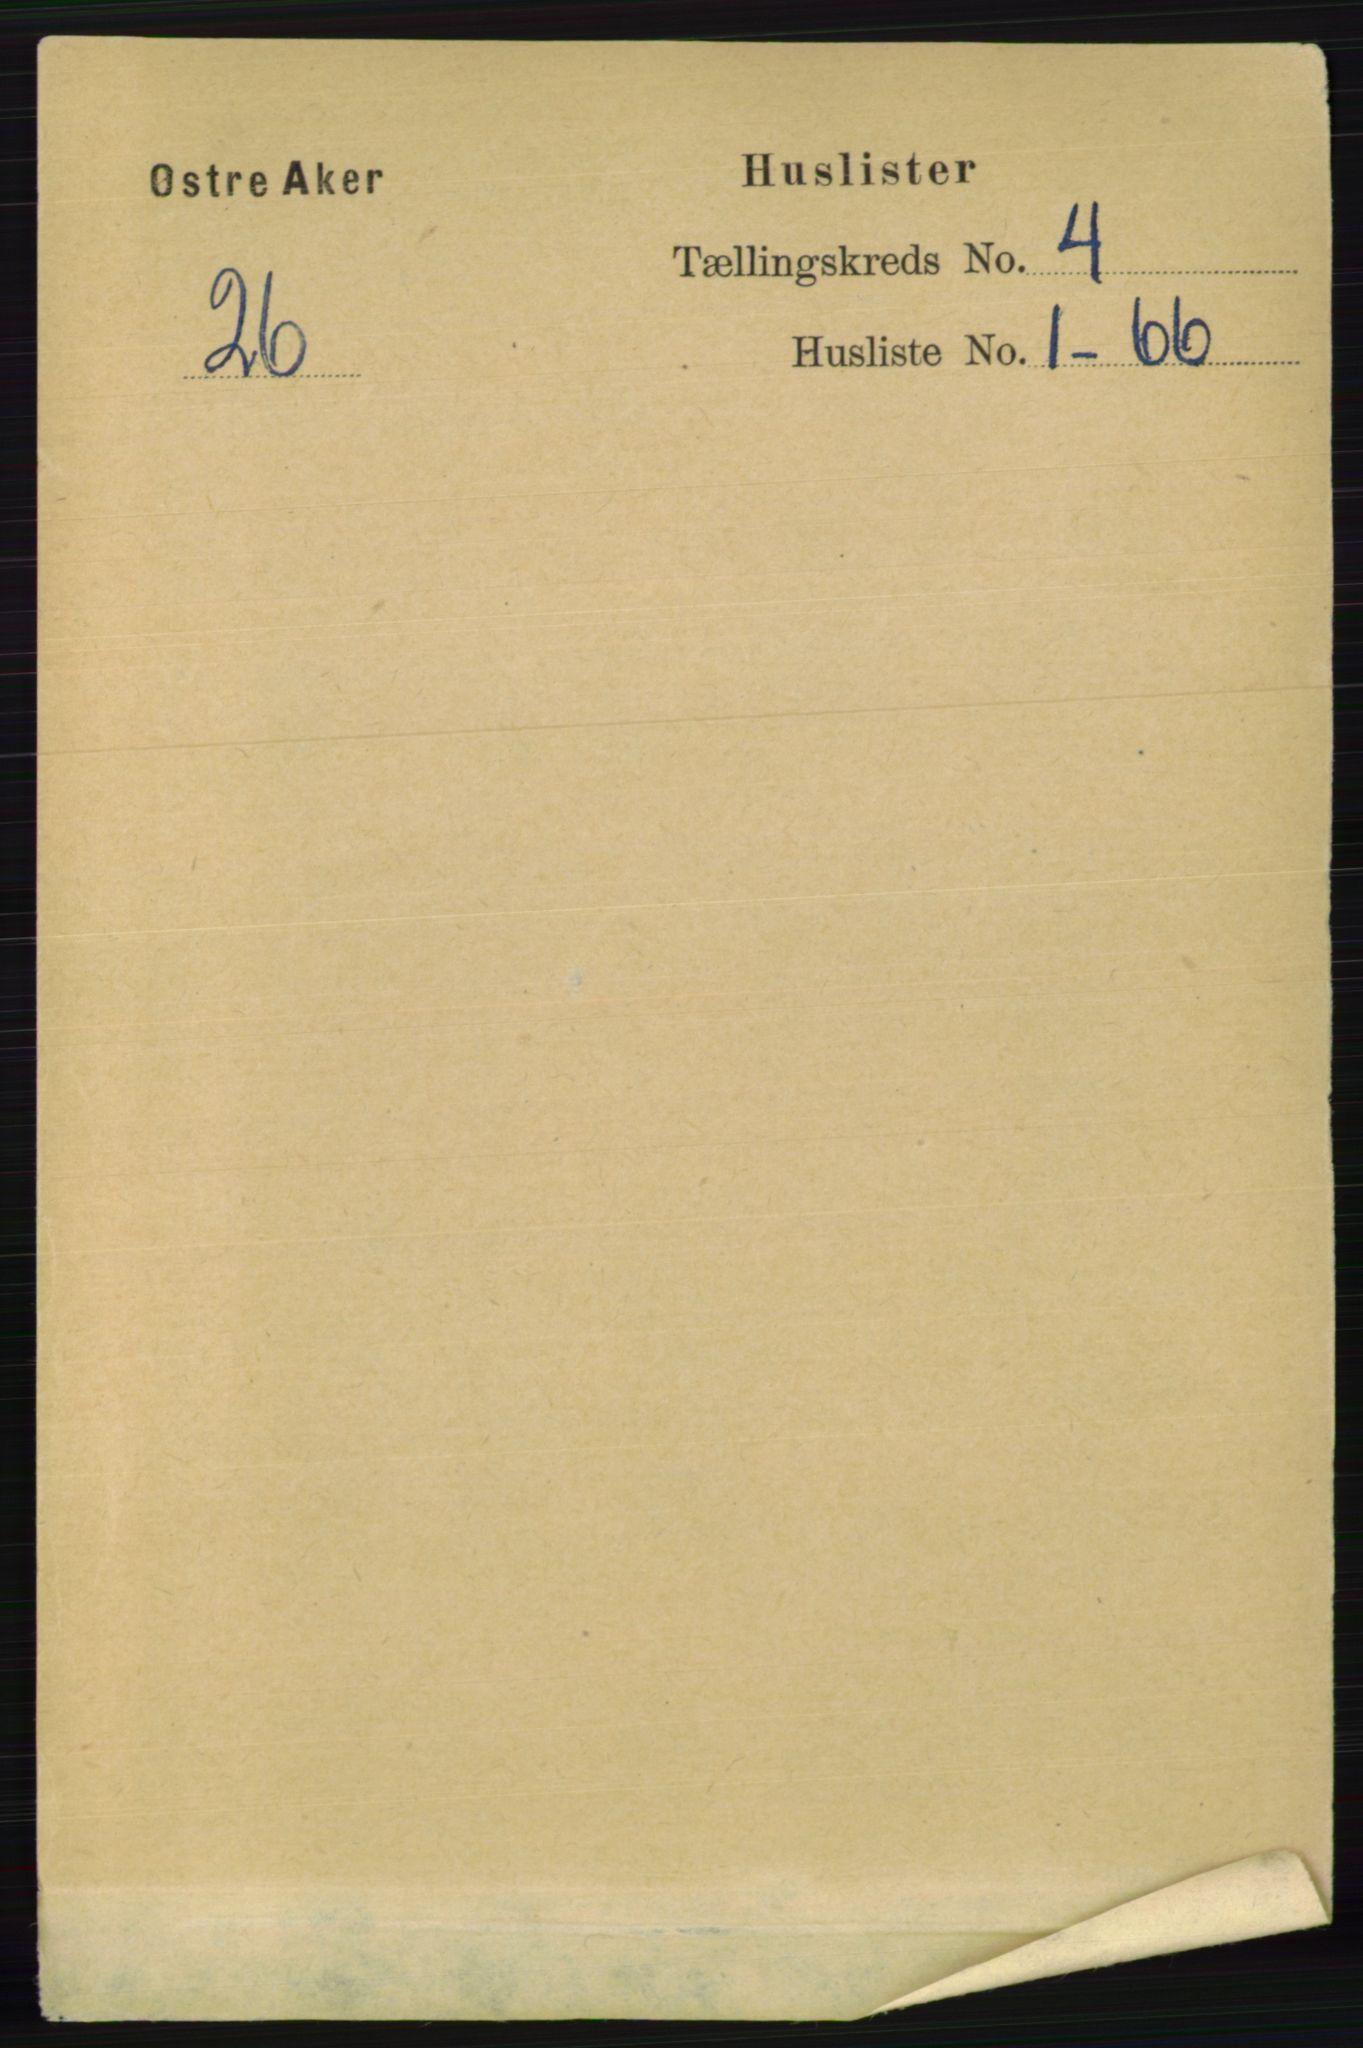 RA, Folketelling 1891 for 0218 Aker herred, 1891, s. 3856